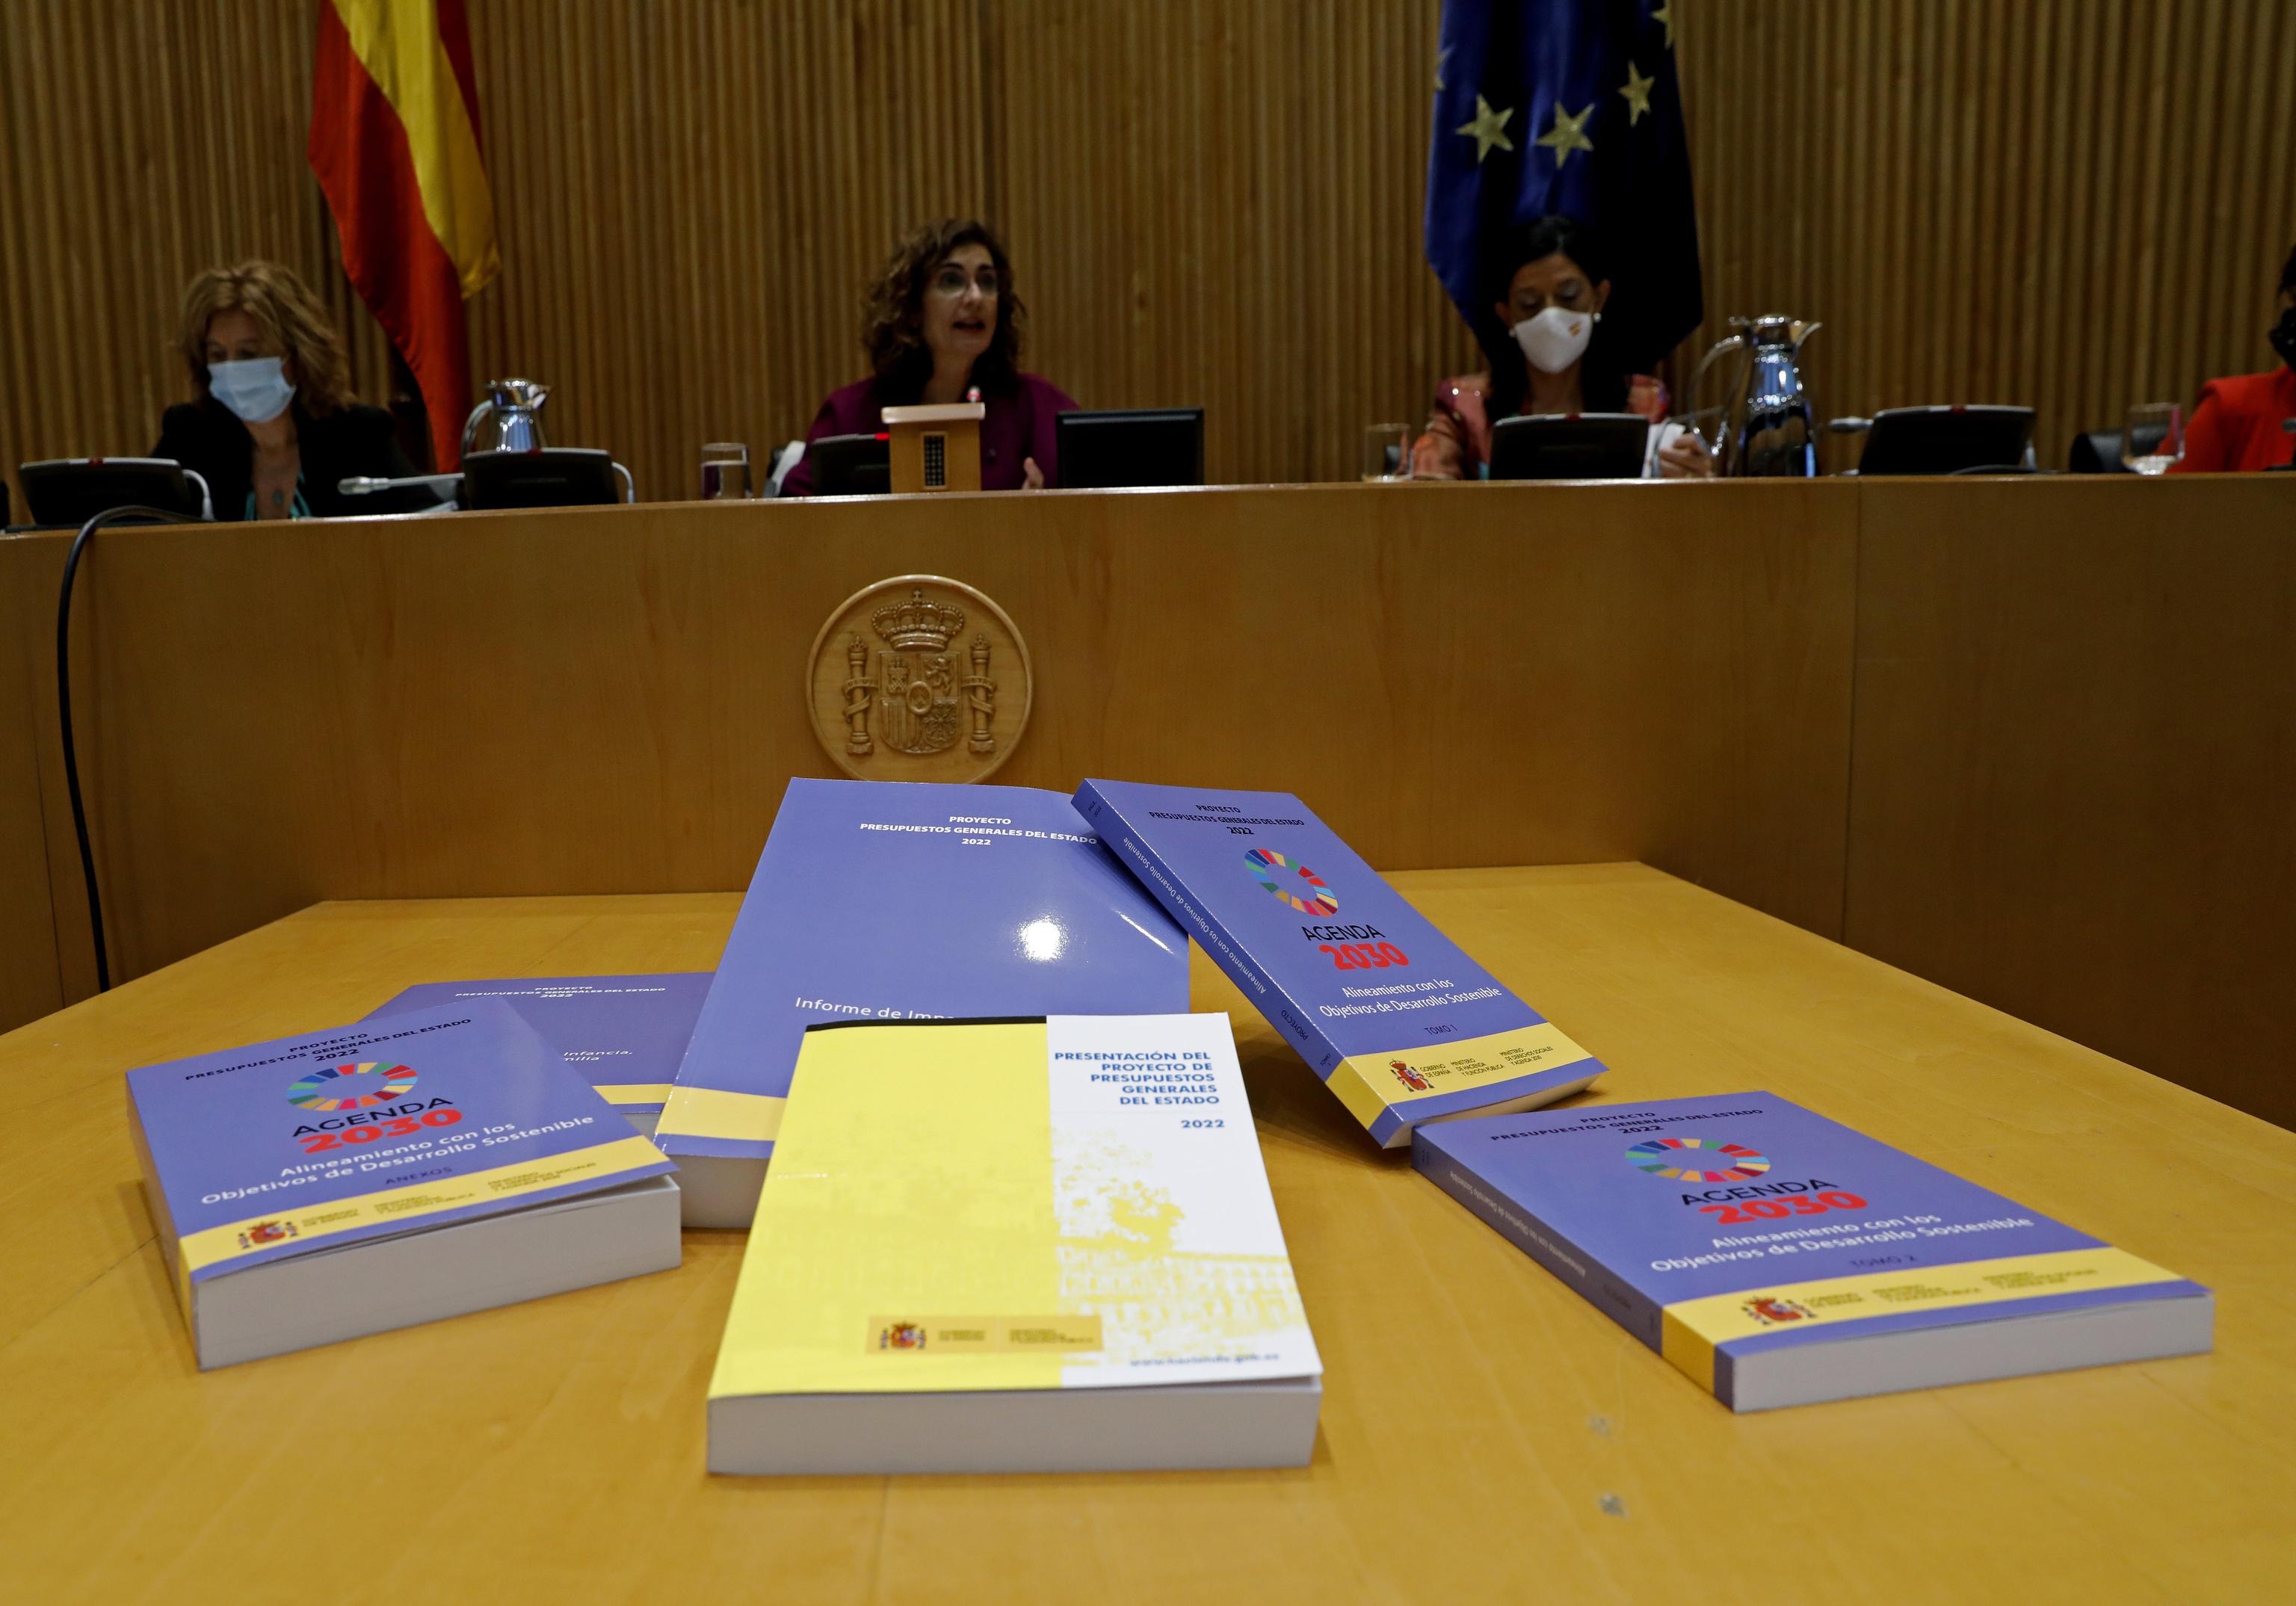 La Ministra de Hacienda, María Jesús Montero, tras la entrega a la Presidenta del congreso Meritxell Batet el proyecto de ley dePresupuestos del Estado para 2022.